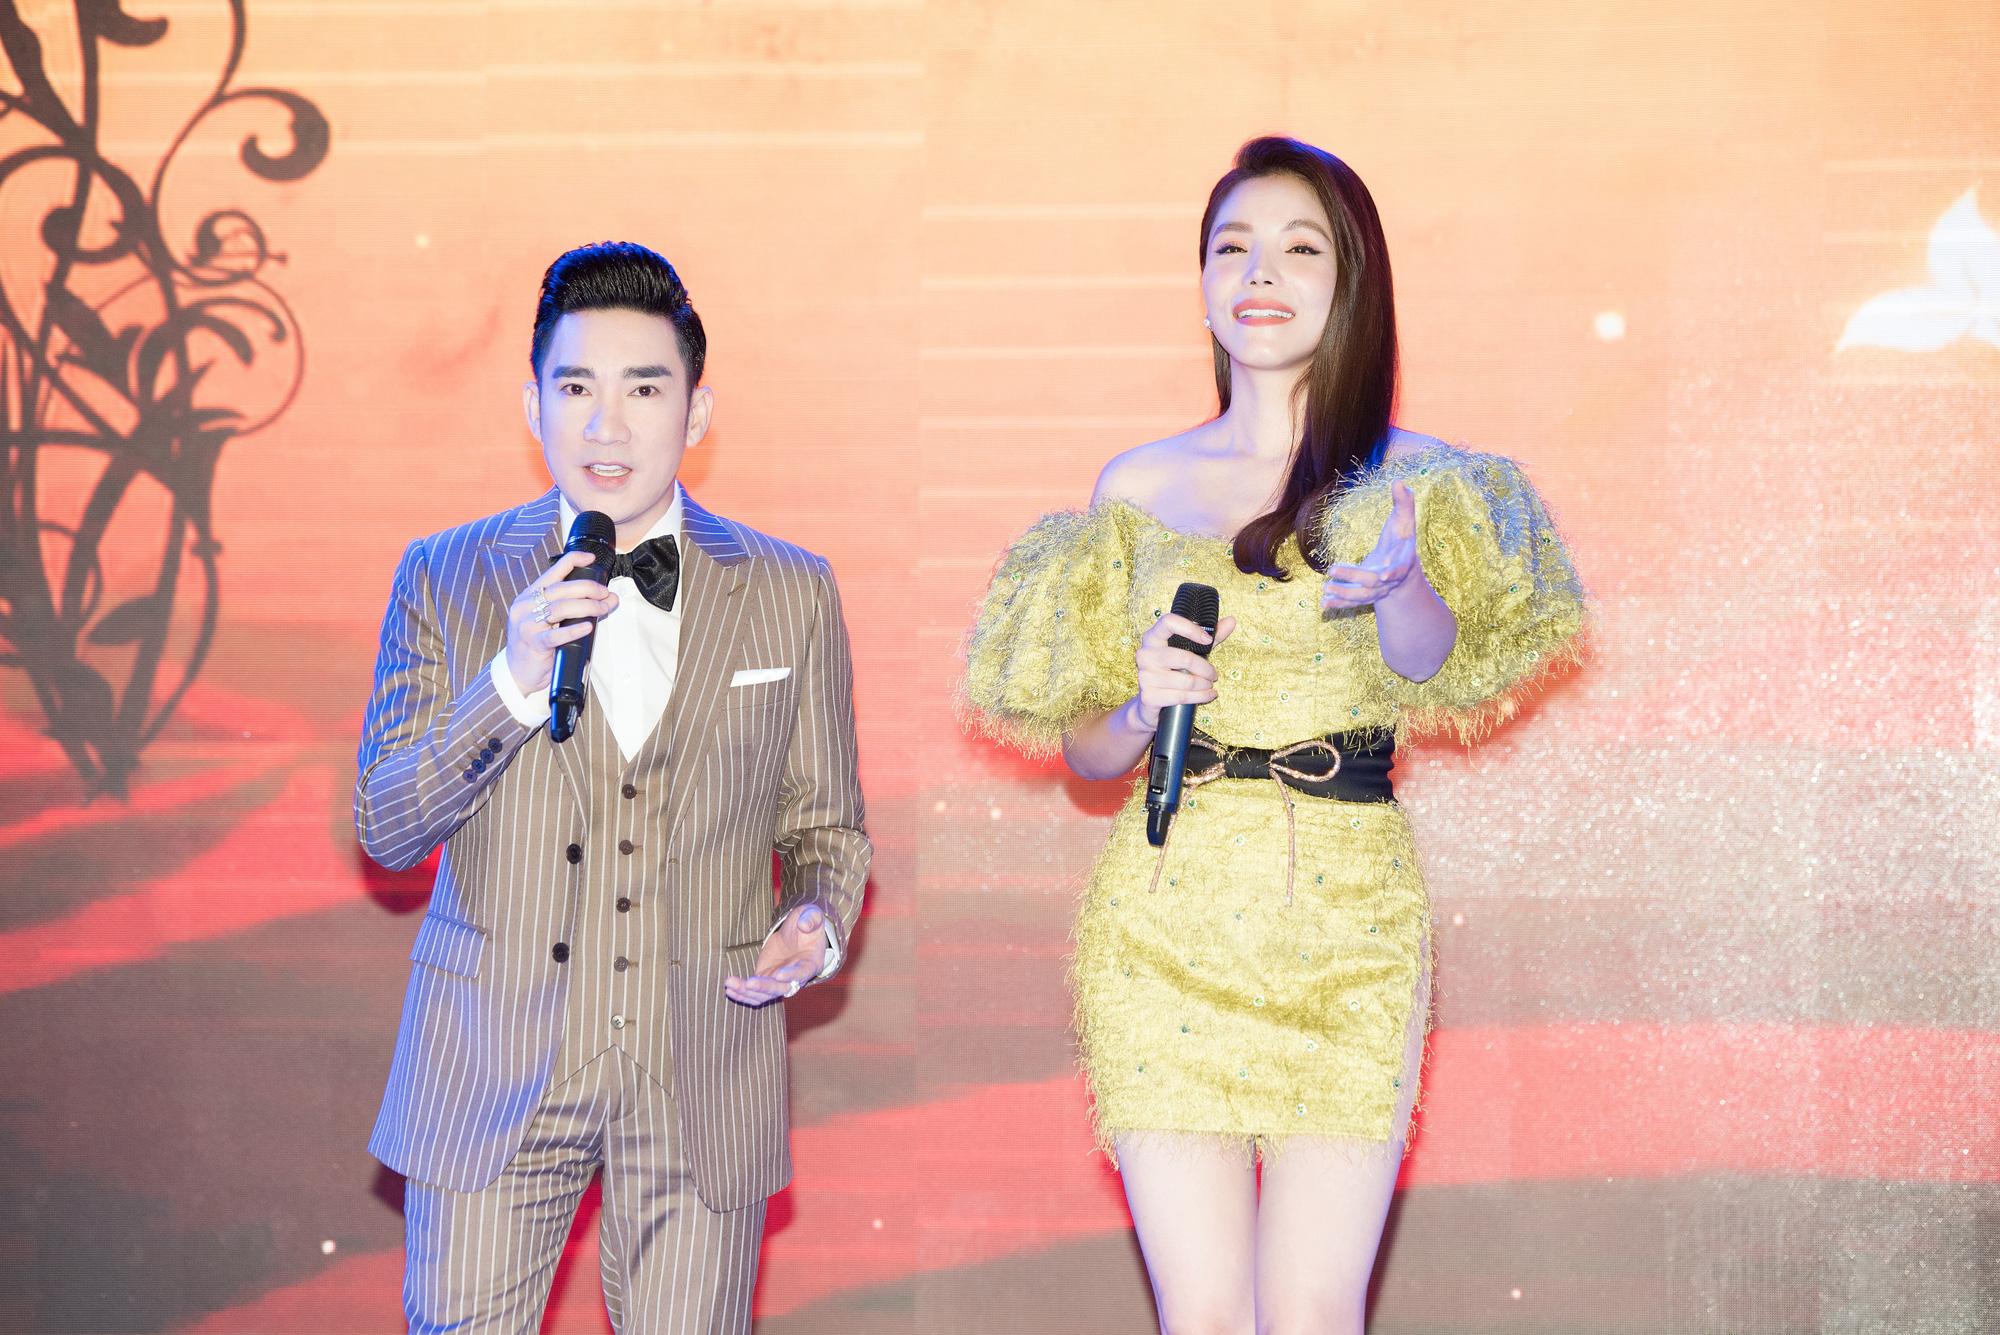 Quang Hà học Kiwi Ngô Mai Trang cách hát nhẹ nhàng tình cảm - Ảnh 1.